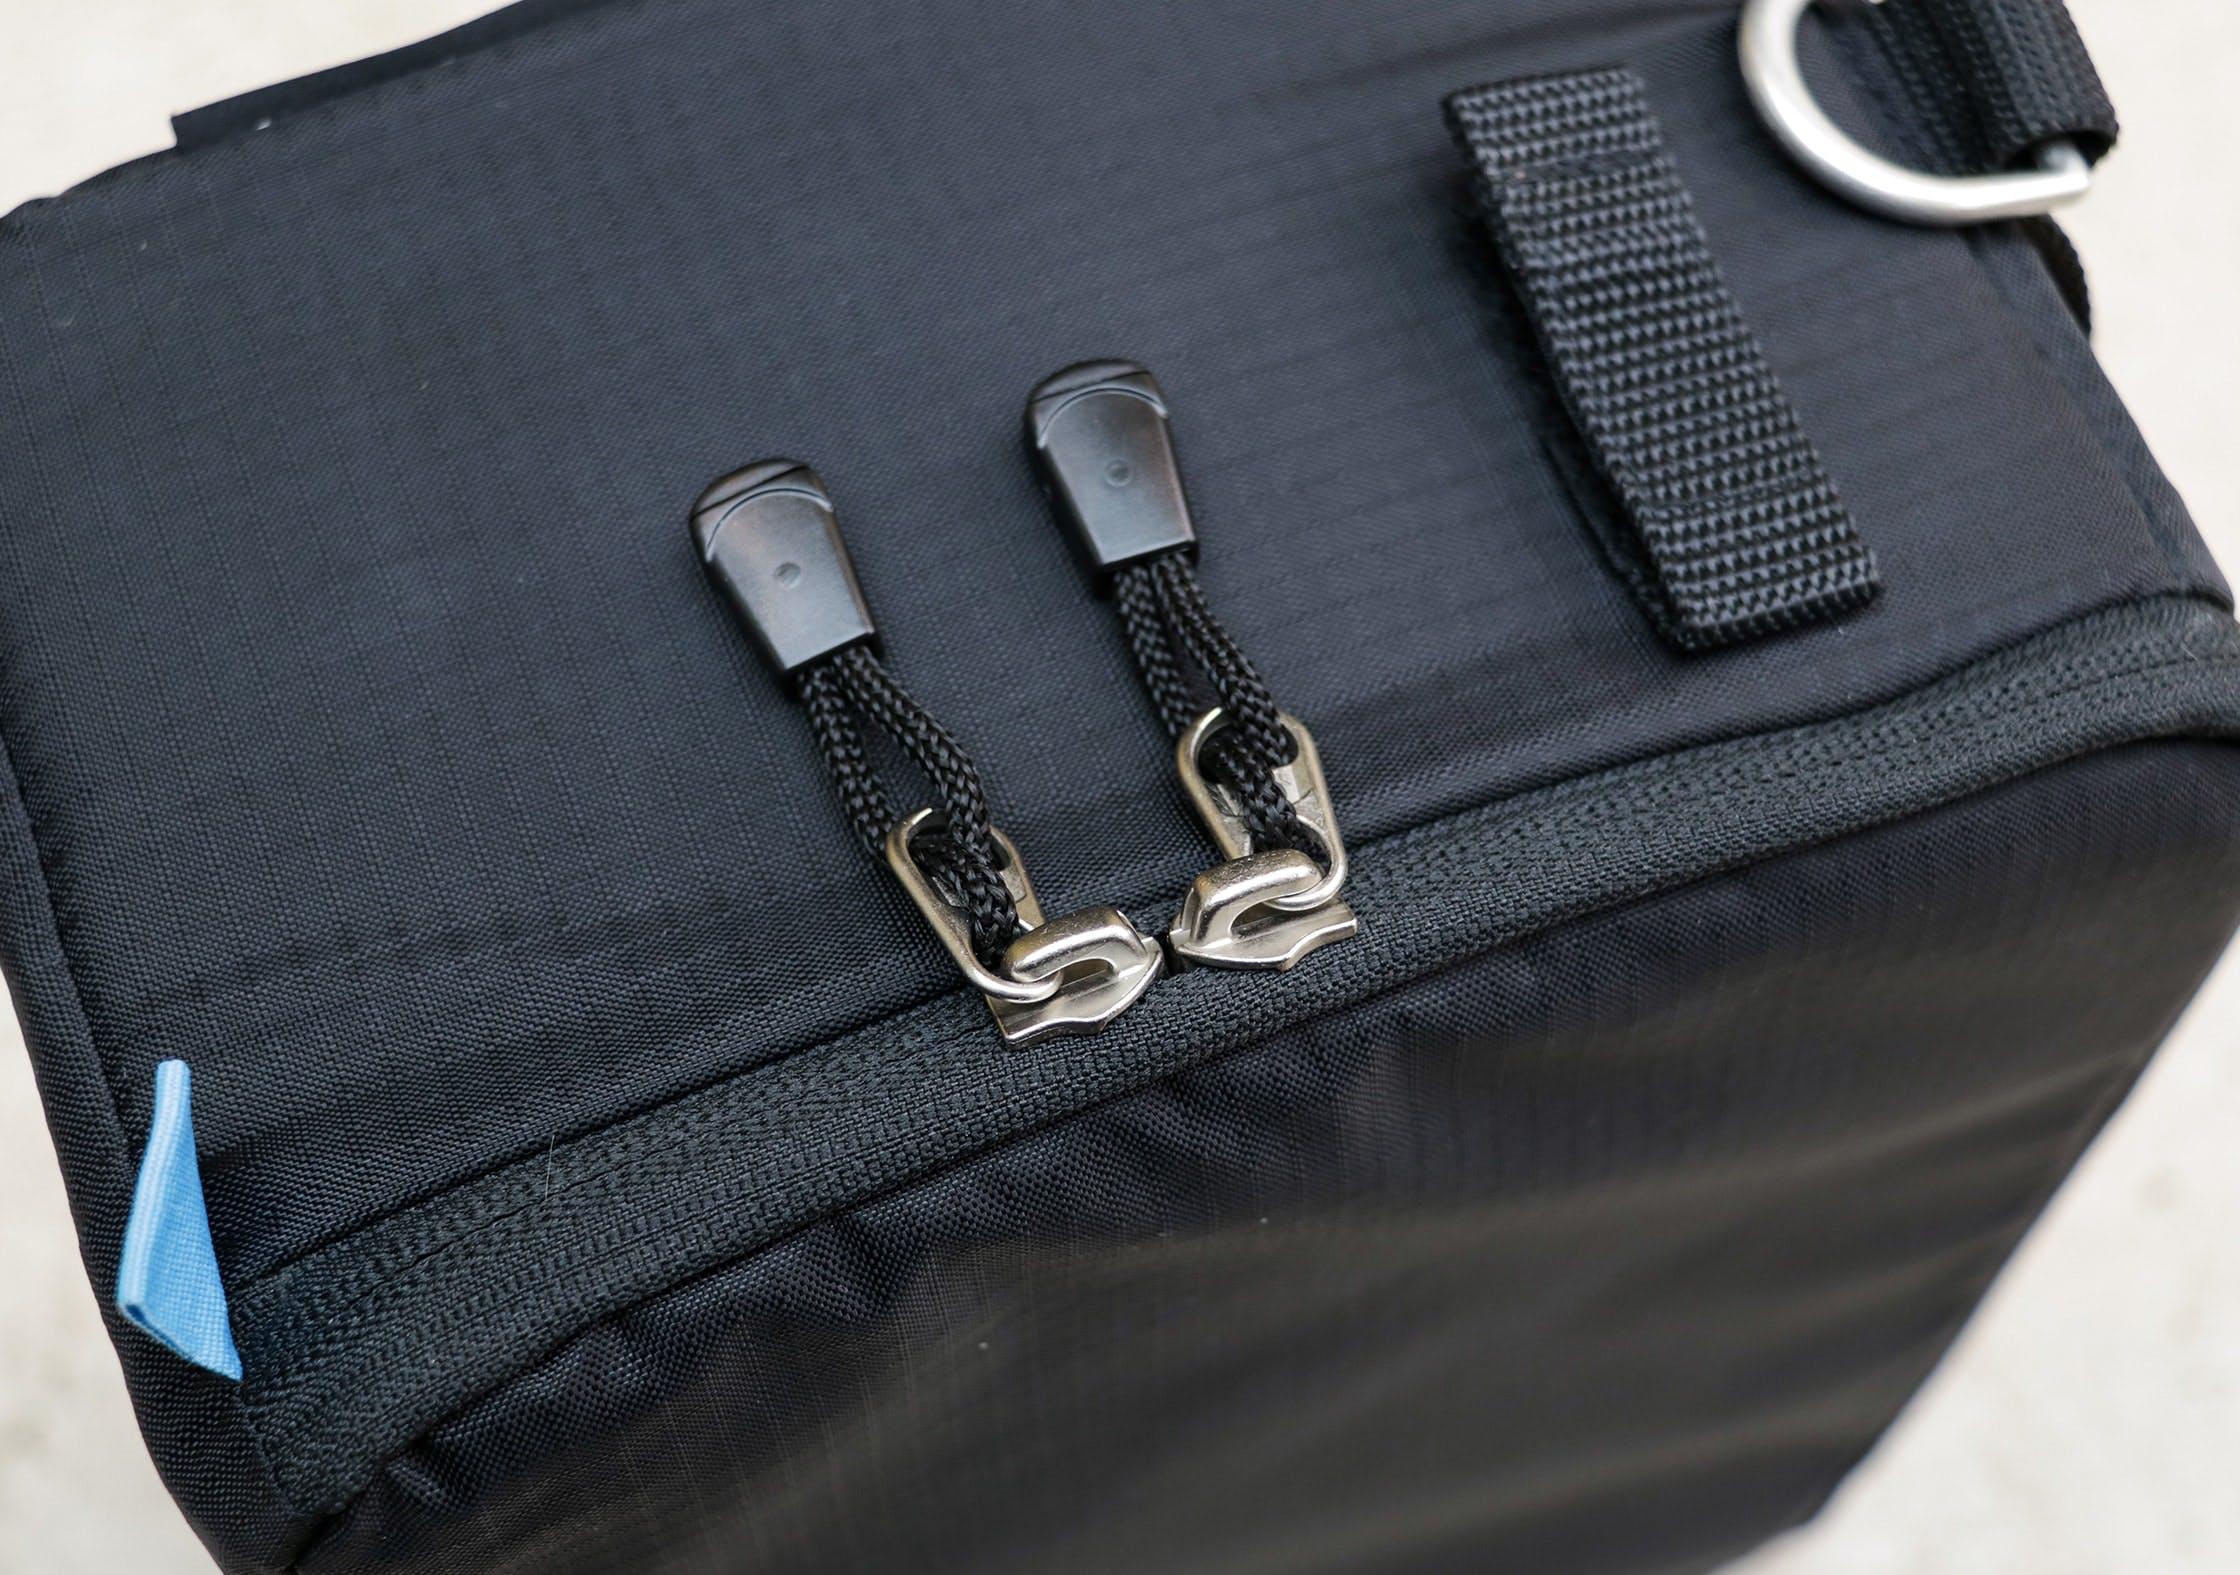 F-Stop ICU YKK Zips and Velcro Tab